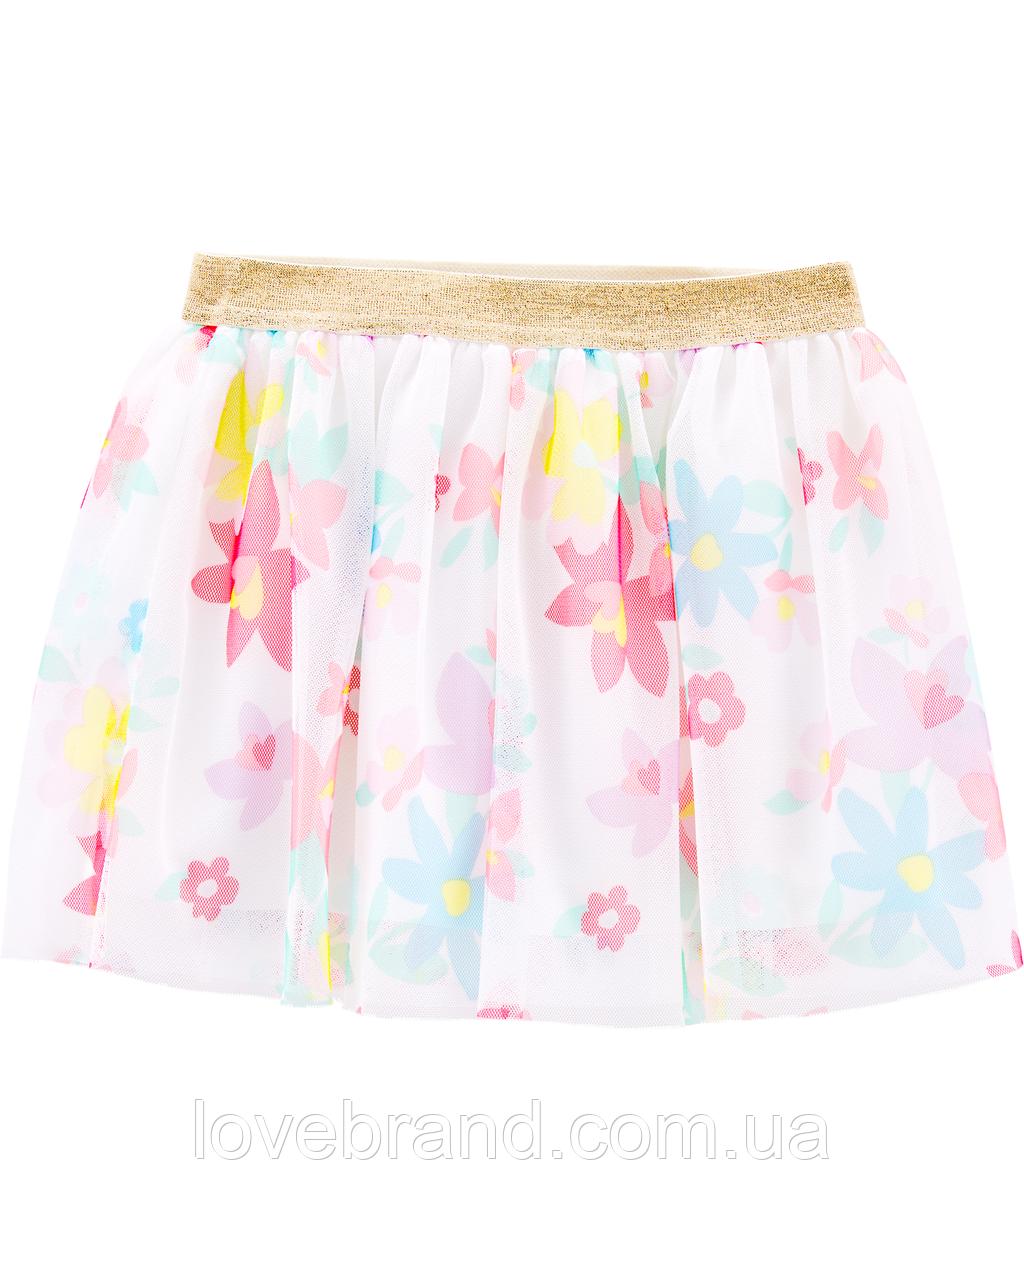 """Фатиновая юбка Carter's для девочек """"Цветы"""""""